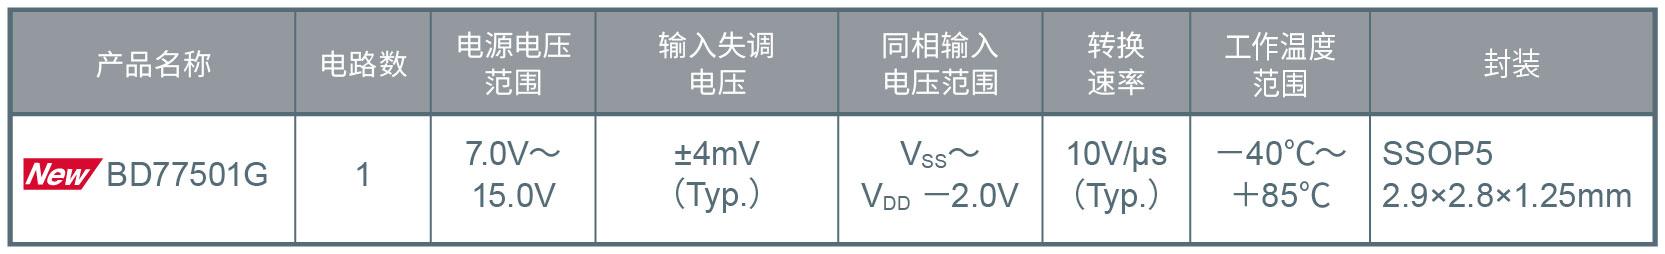 【中文译文】图6.jpg